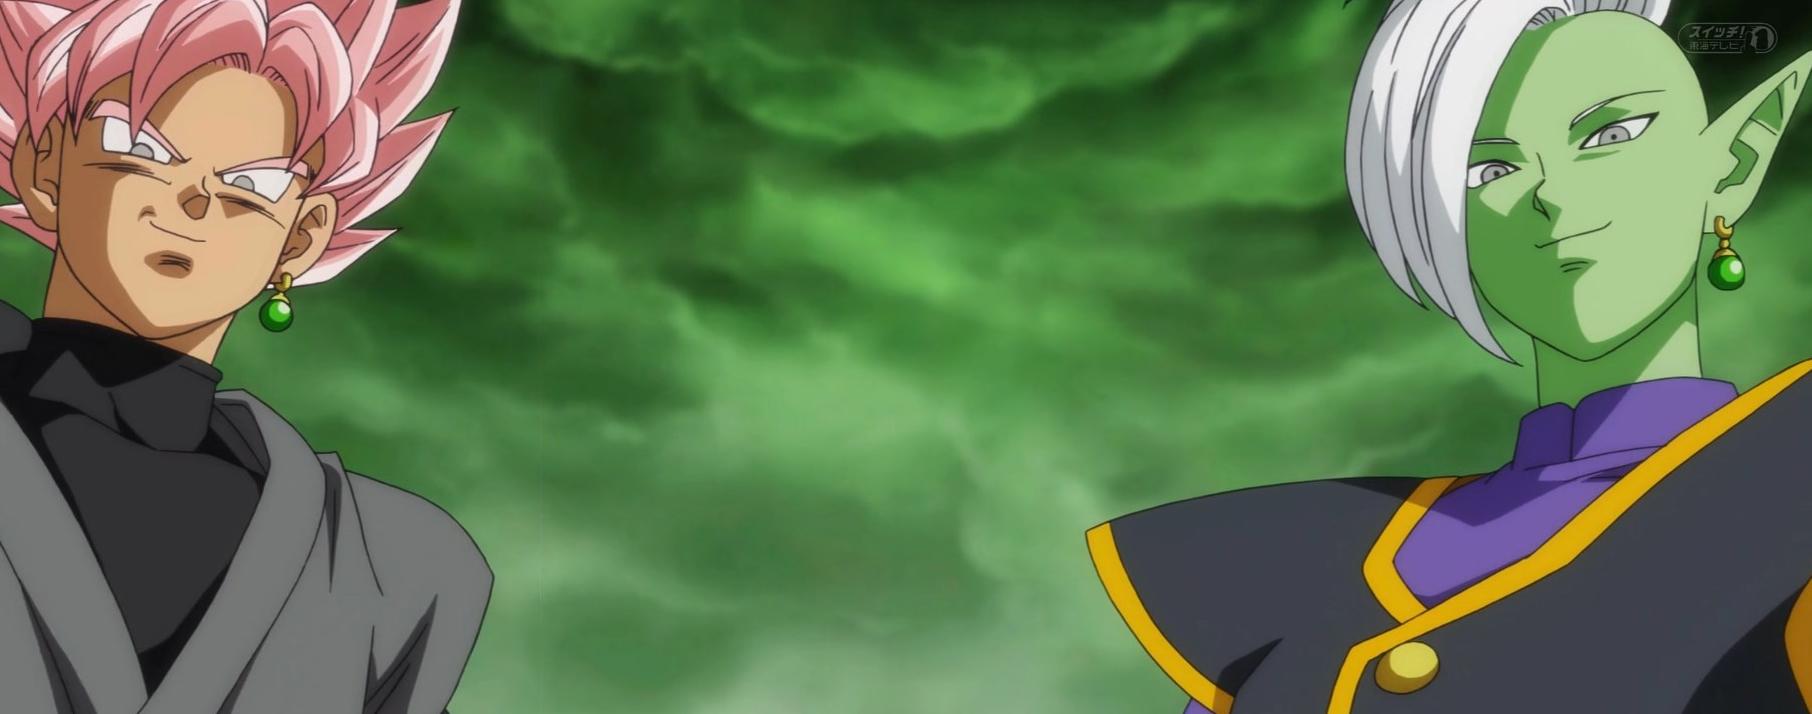 Dragon Ball Super Épisode 56 : Résumé